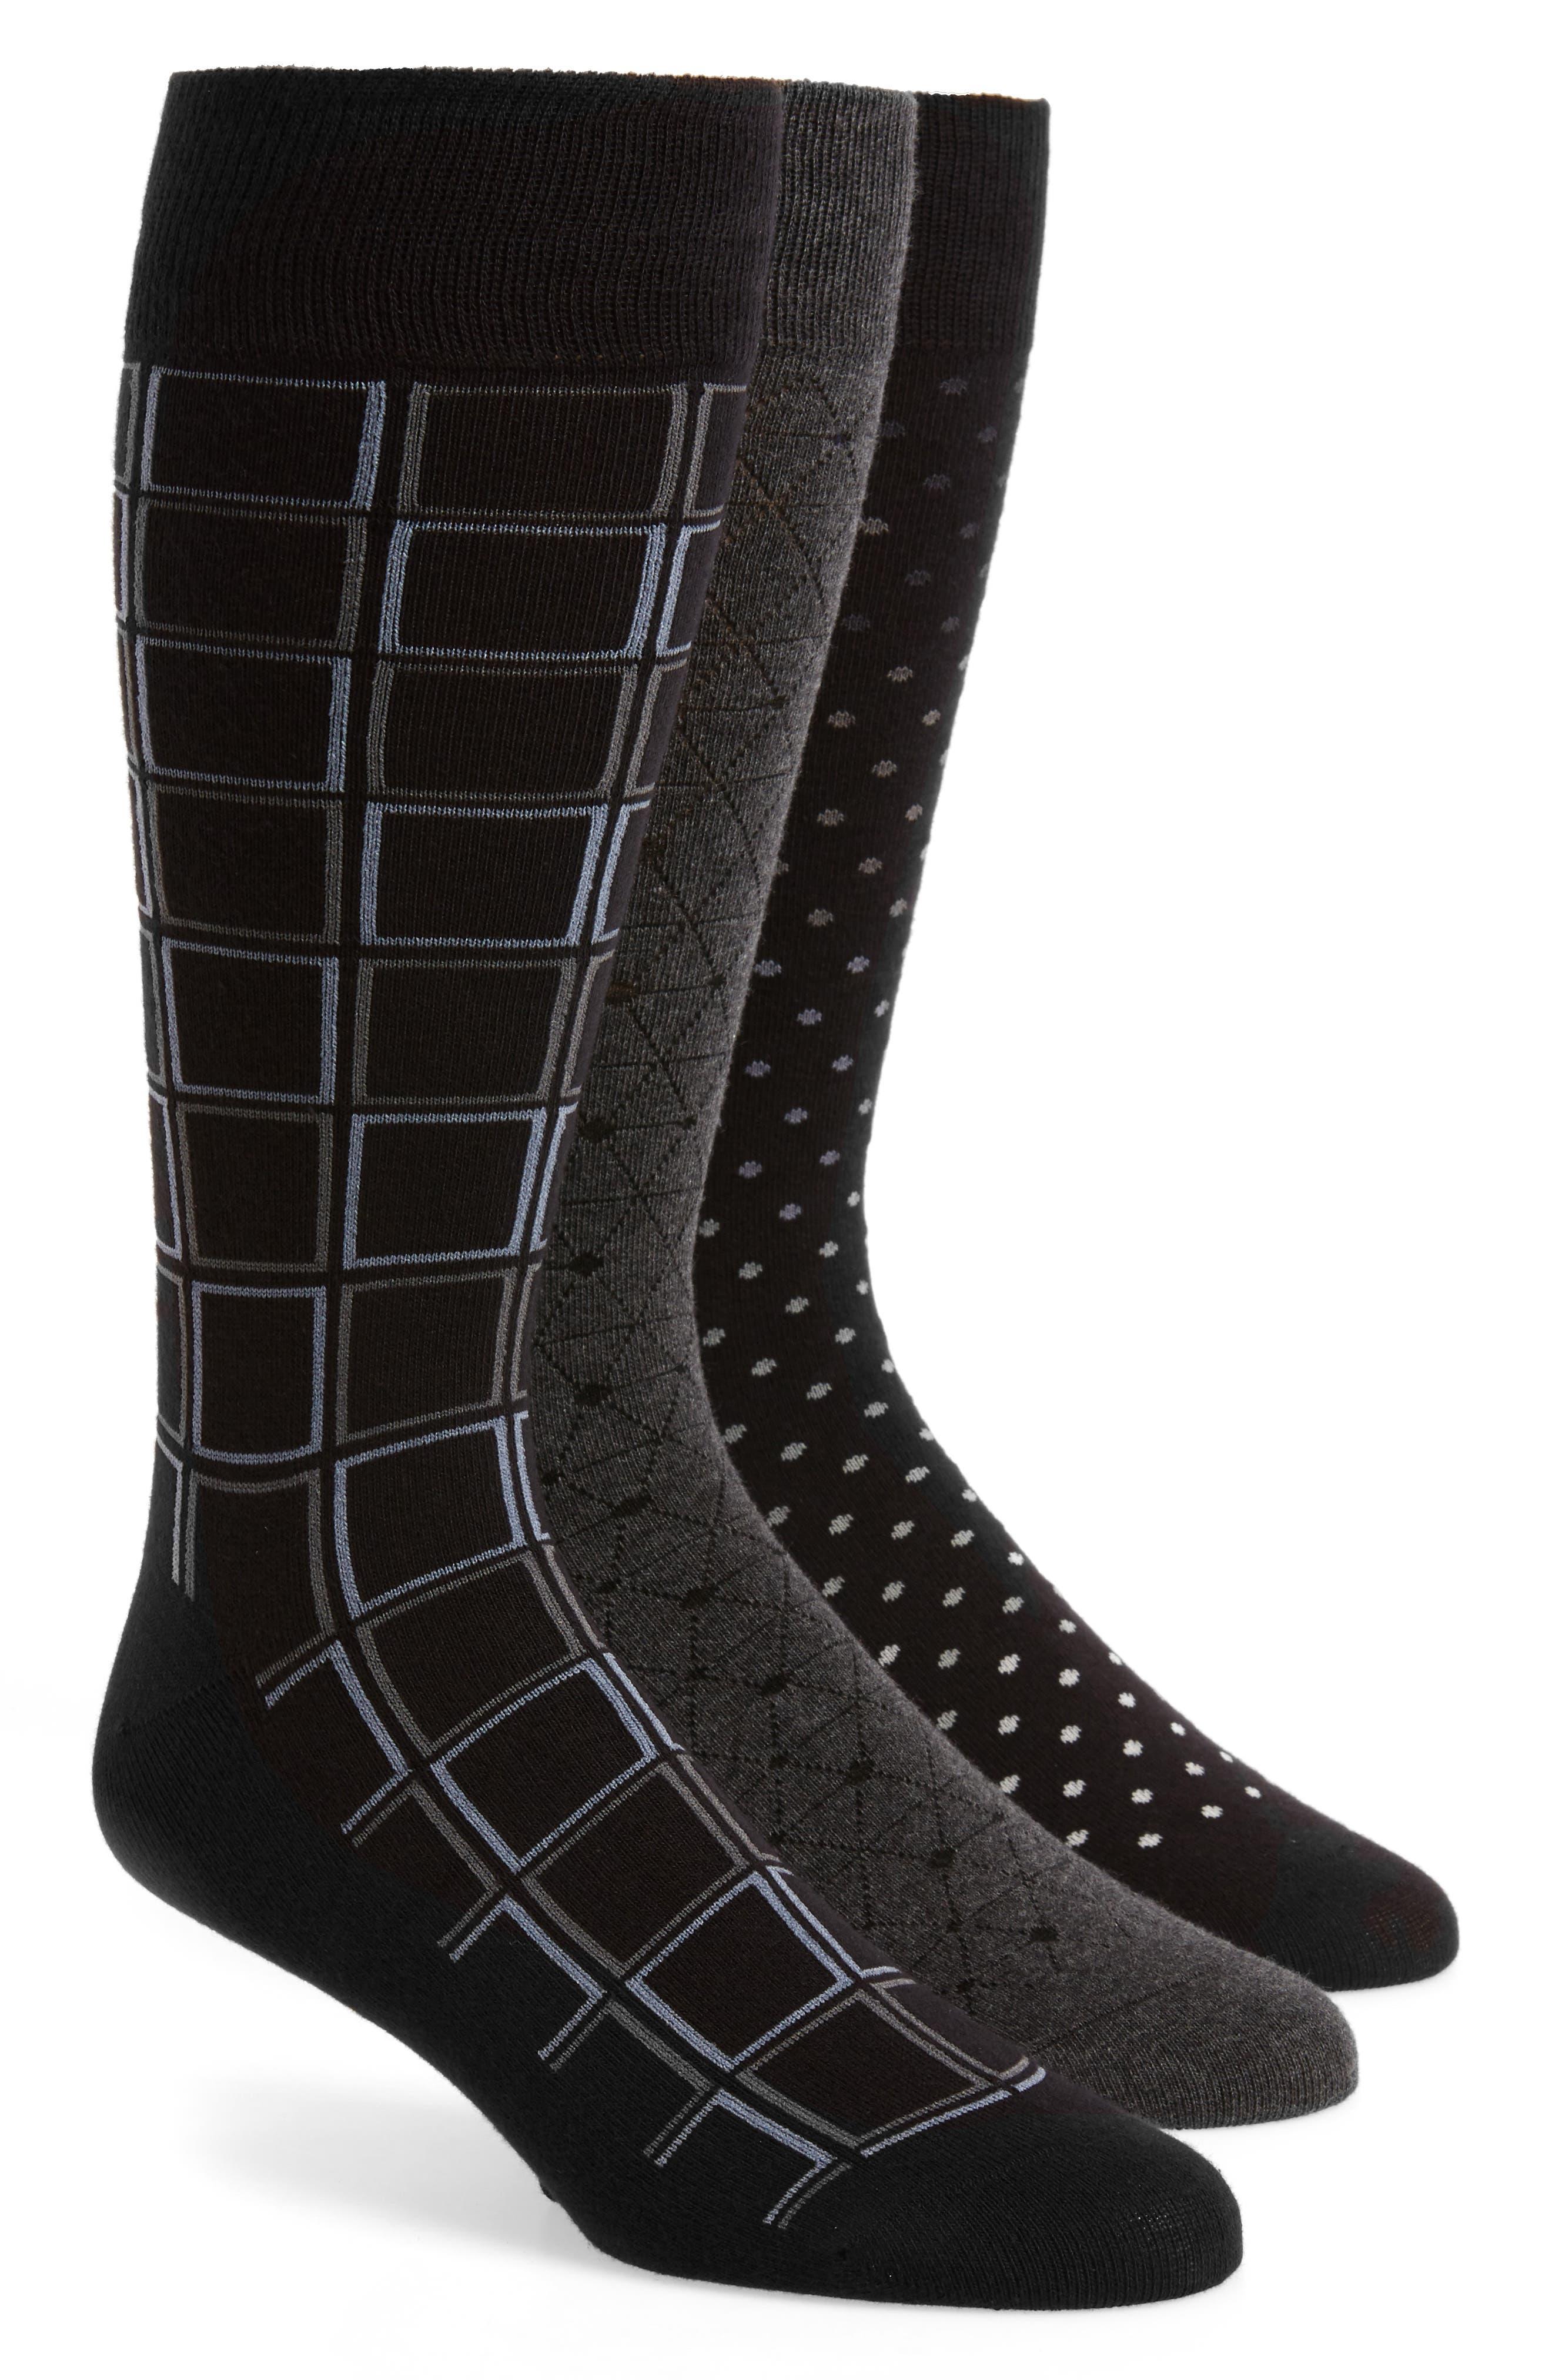 3-Pack Mixed Pattern Socks,                             Main thumbnail 1, color,                             Black/ Charcoal